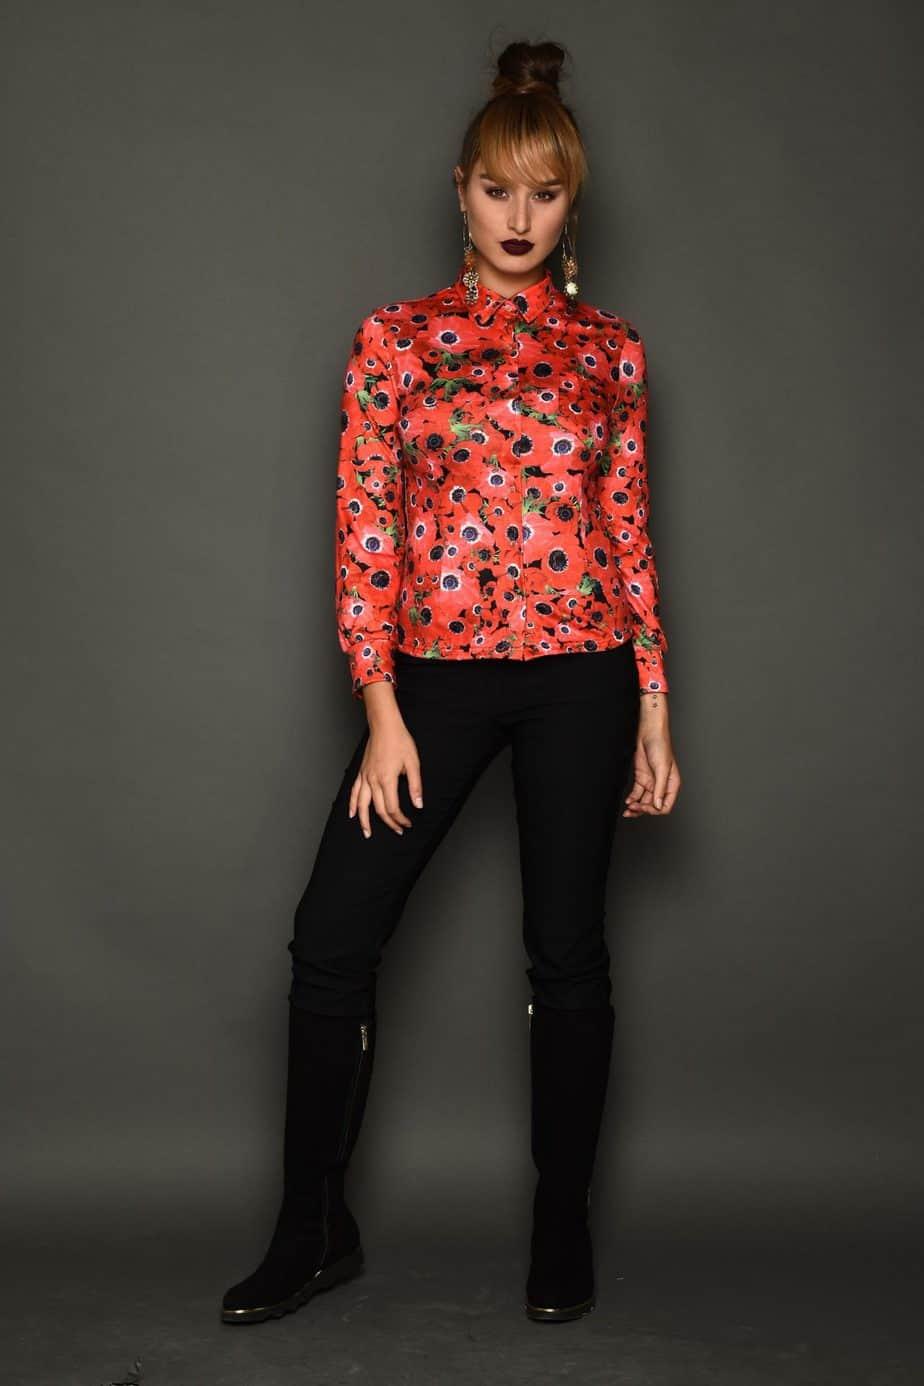 רעומה חולצת כלנית מכנסיים גליה צלם צחי ואזנה (Custom)